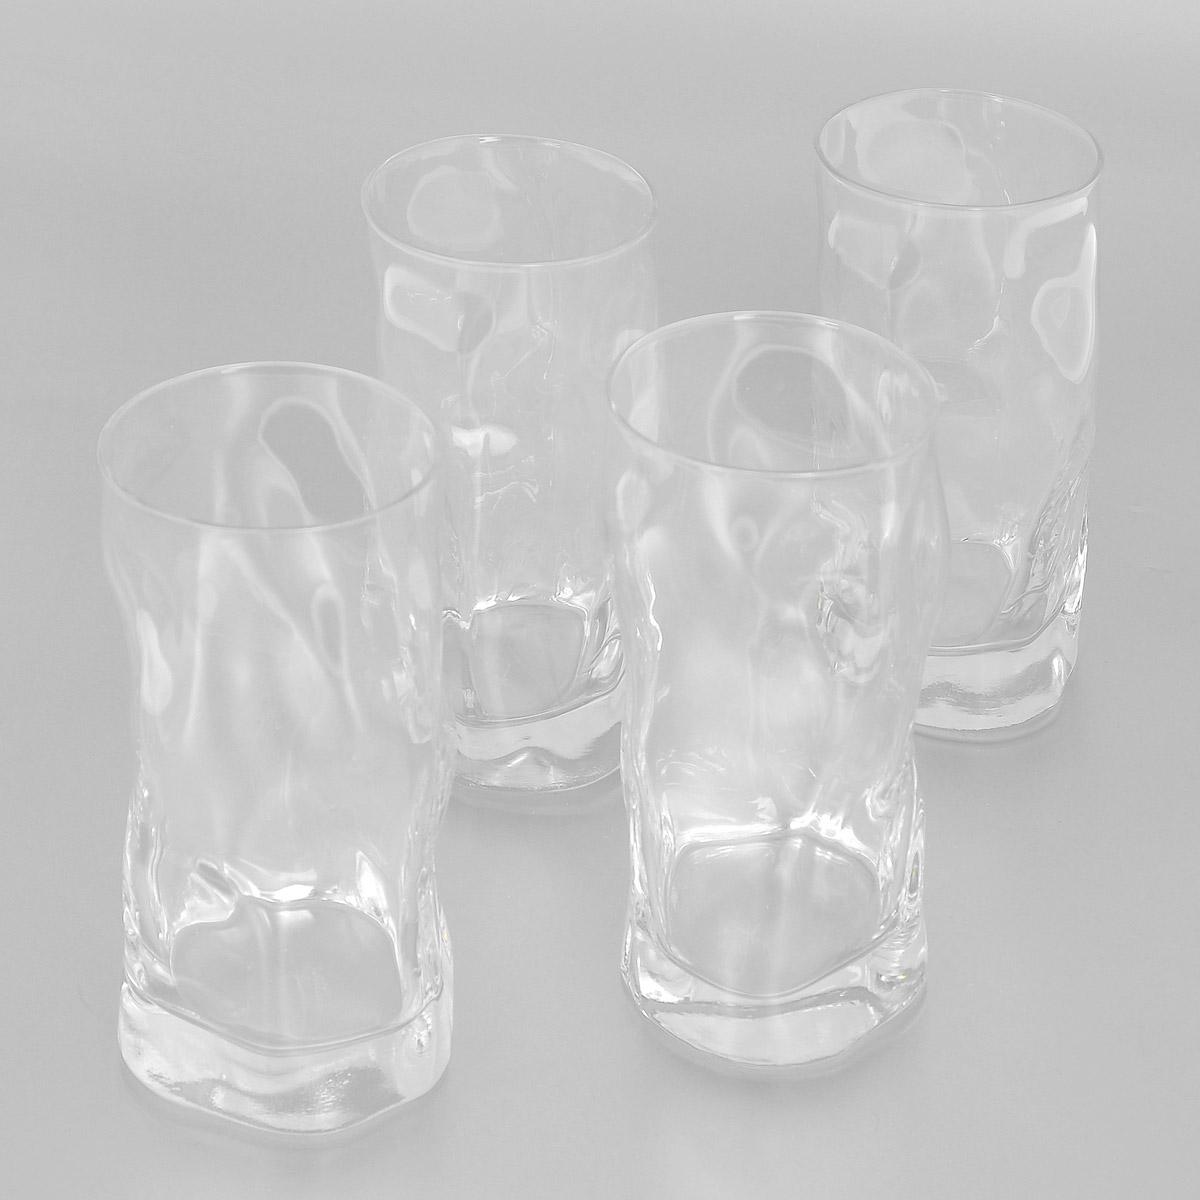 Набор стаканов Bormioli Rocco Sorgente, 460 мл, 4 шт340360G10021990Набор Bormioli Rocco Sorgente, выполненный из стекла, состоит из 4 высоких стаканов. Стаканы предназначены для подачи холодных напитков. Изделия имеют оригинальный дизайн, который поможет украсить любой праздничный стол. Благодаря такому набору пить напитки будет еще вкуснее. Стаканы Bormioli Rocco Sorgente станут отличным подарком к любому празднику. С 1825 года компания Bormioli Rocco производит высококачественную посуду из стекла. На сегодняшний день это мировой лидер на рынке производства стеклянных изделий. Ассортимент, предлагаемый Bormioli Rocco необычайно широк - это бокалы, фужеры, рюмки, графины, кувшины, банки для сыпучих продуктов и консервирования, тарелки, салатники, чашки, контейнеры различных емкостей, предназначенные для хранения продуктов в холодильниках и морозильных камерах и т.д. Стекло сочетает в себе передовые технологии и традиционно высокое качество.